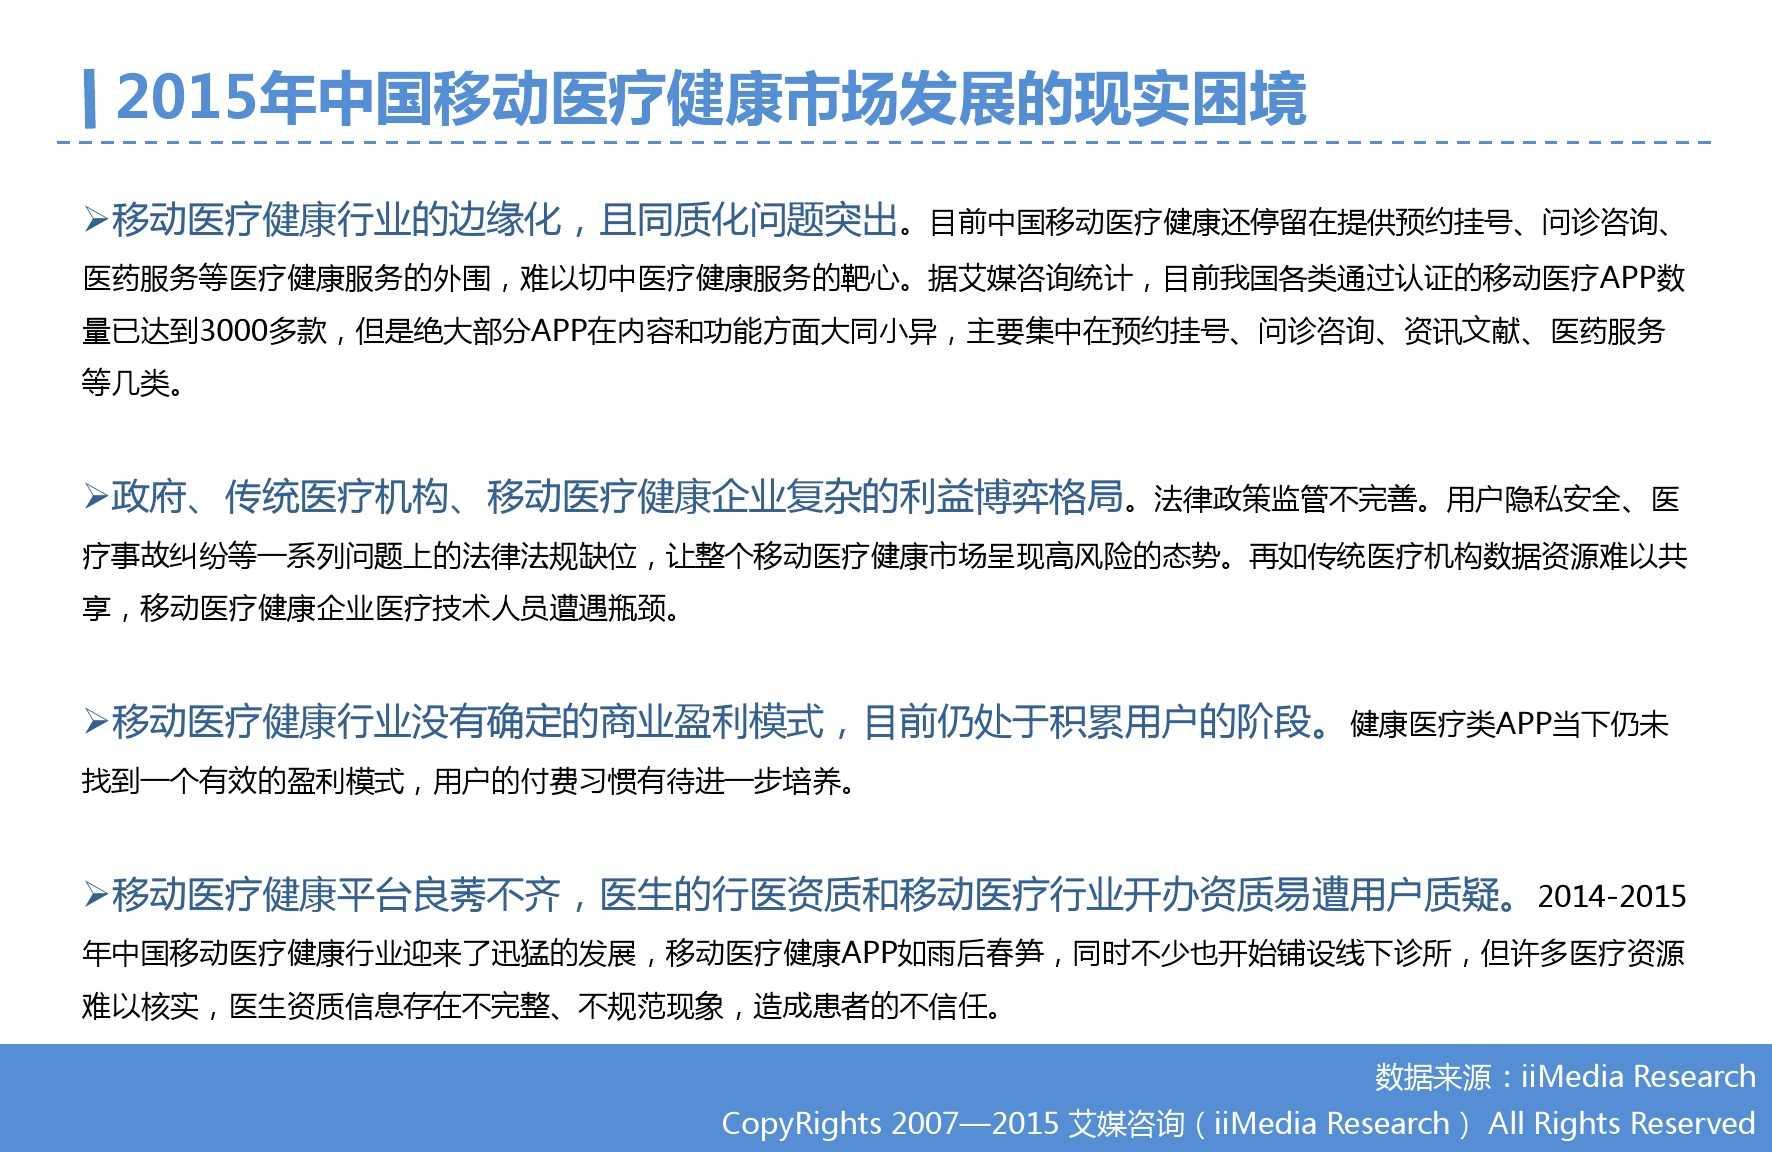 2015年Q3中国移动医疗健康市场监测报告_000024